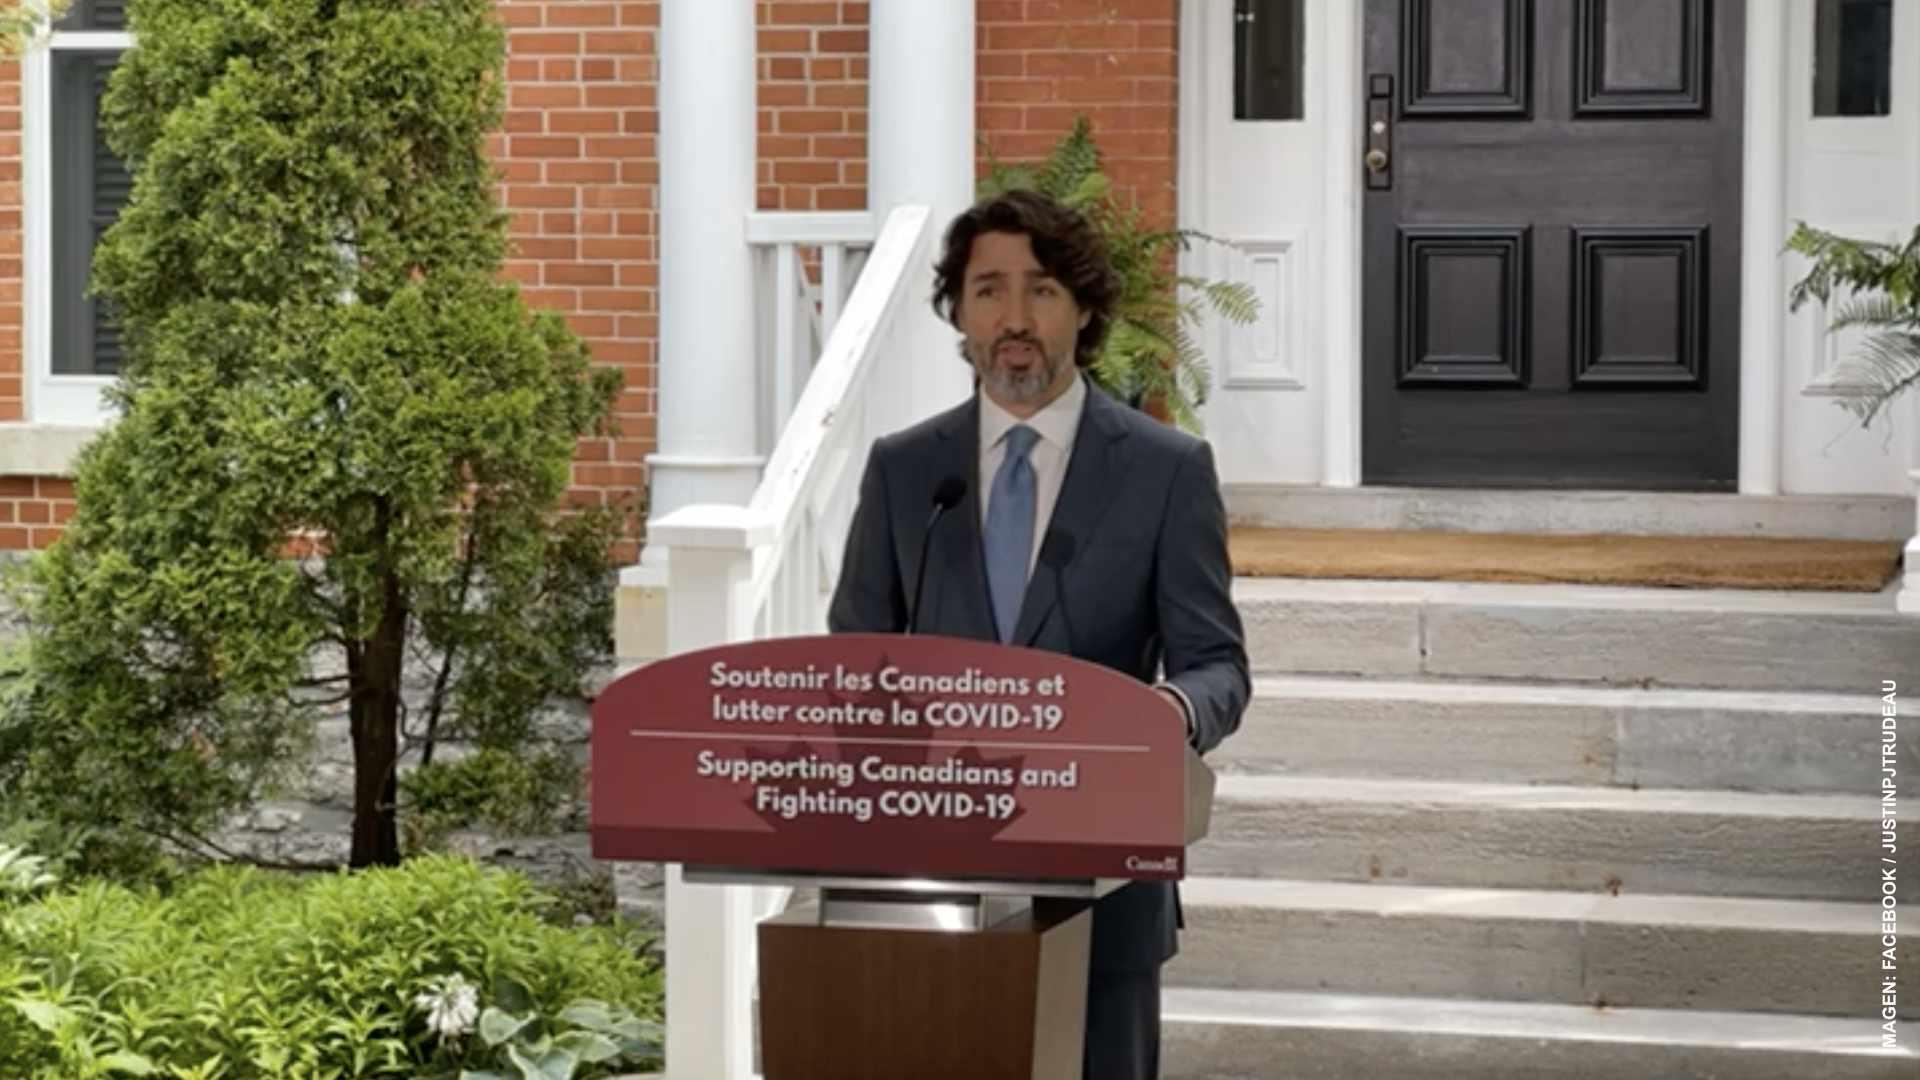 Apertura de fronteras, cuestión de semanas: Trudeau